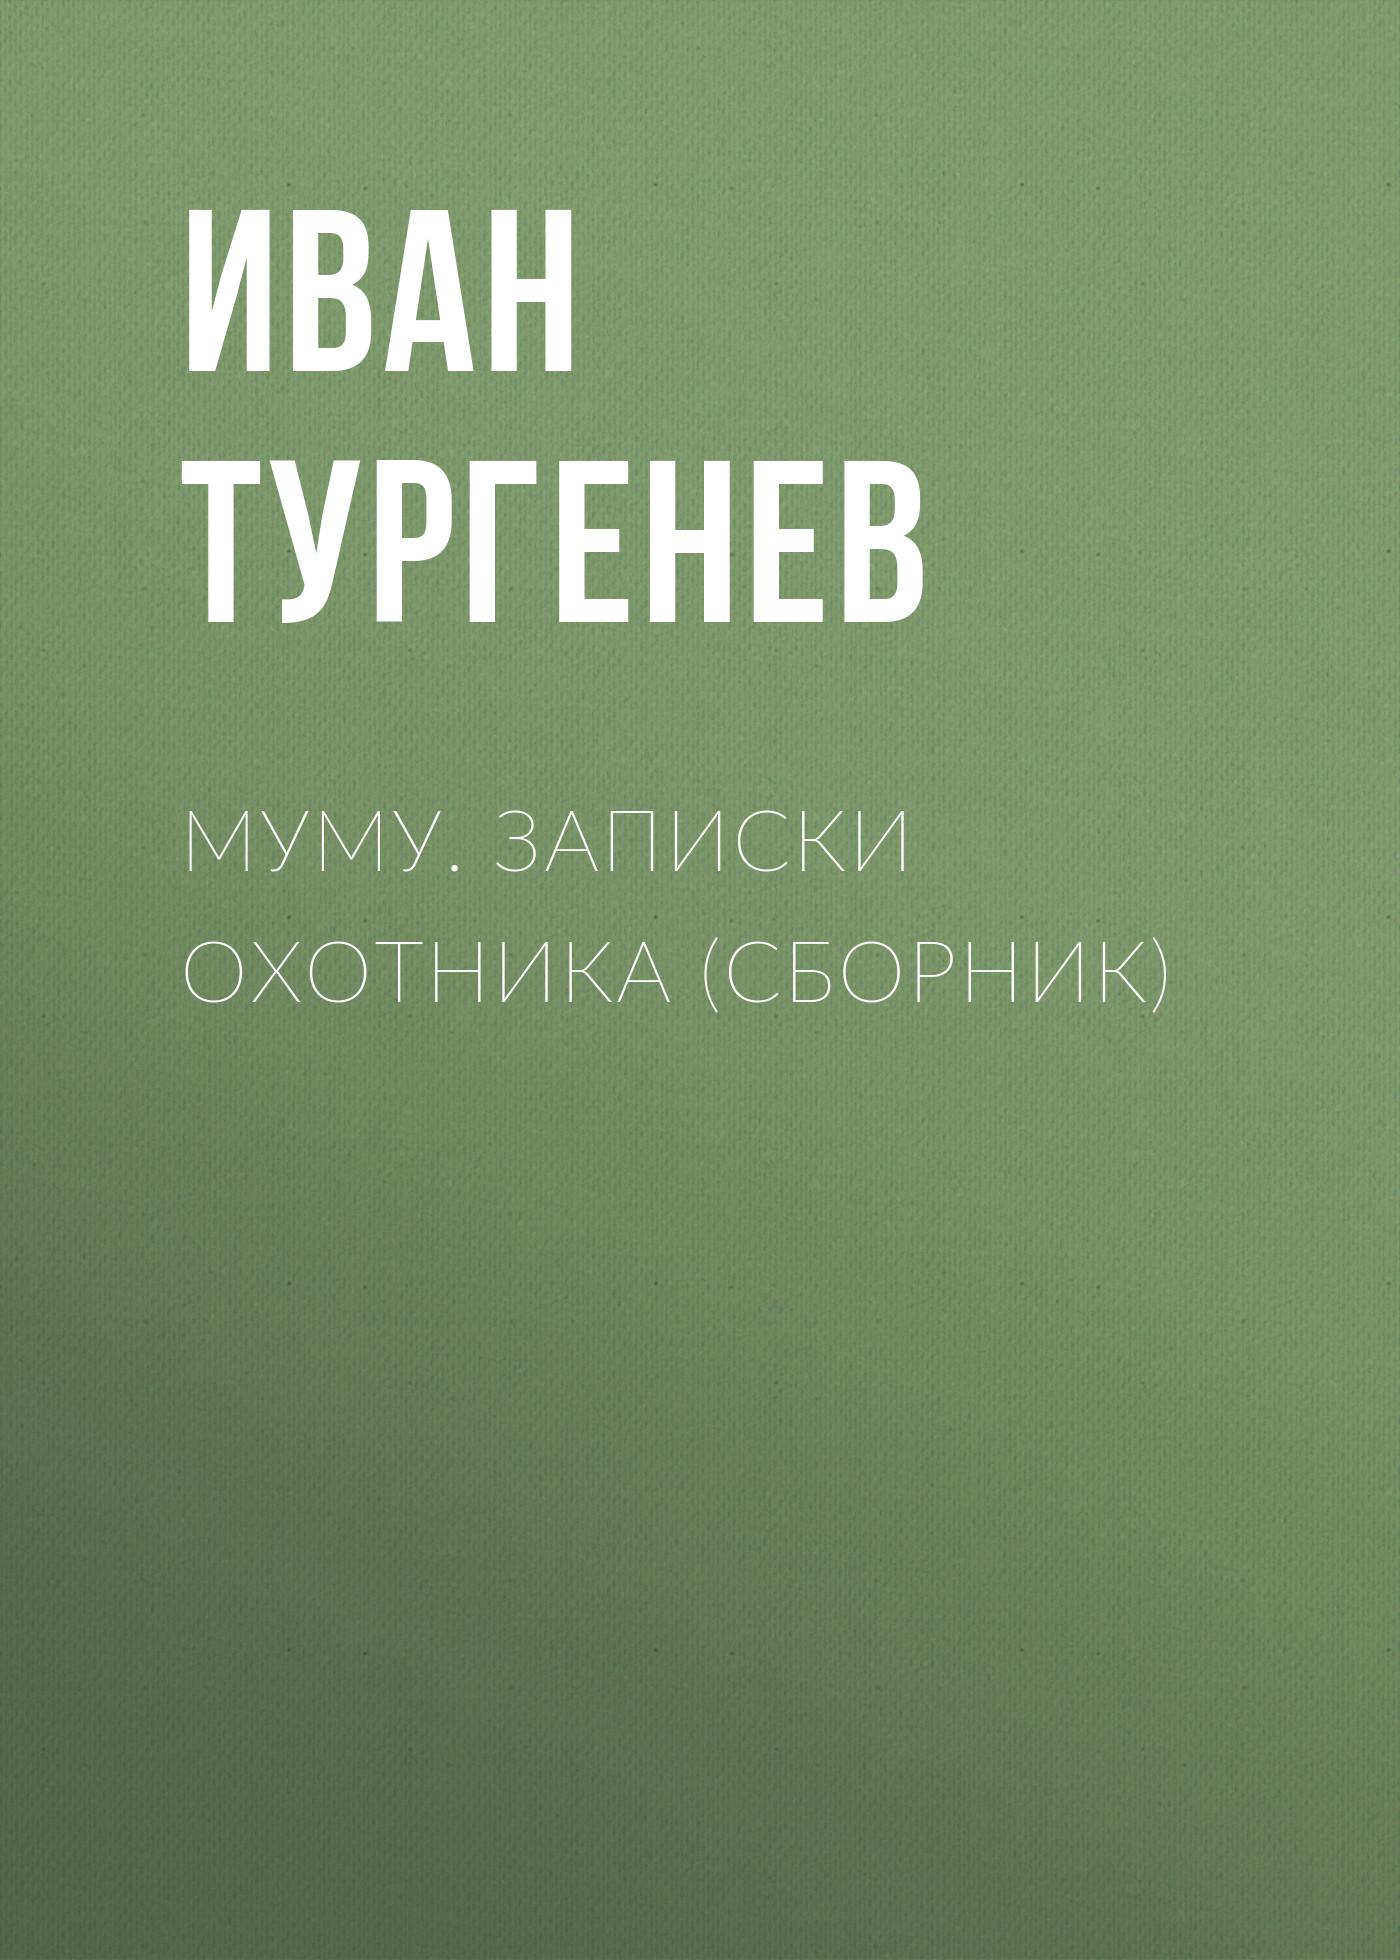 Муму. Записки охотника (сборник)